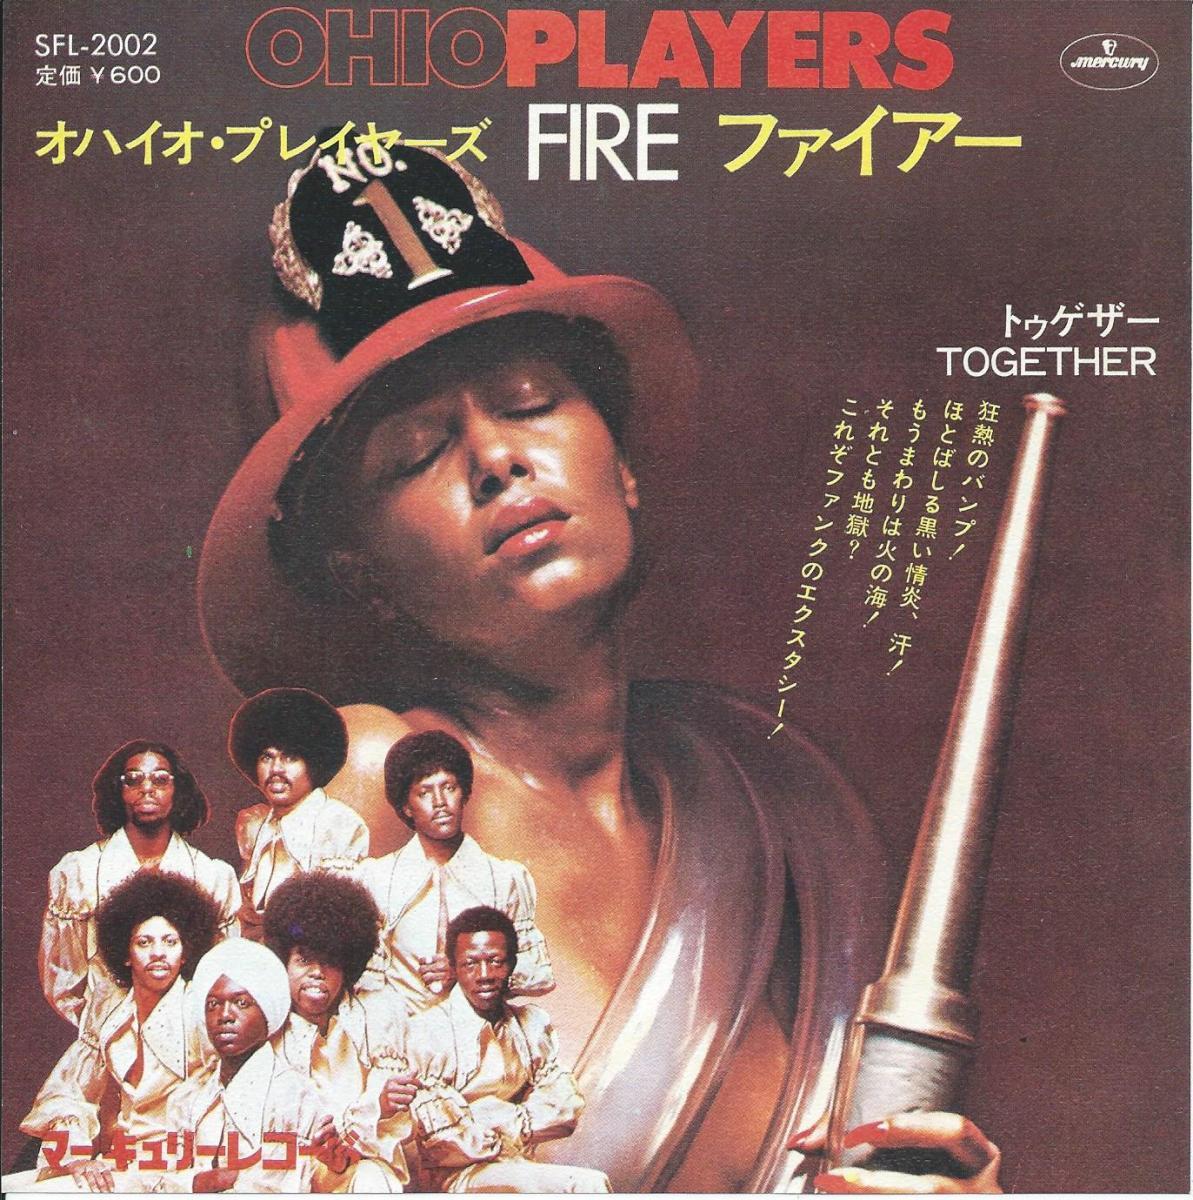 オハイオ・プレイヤーズ OHIO PLAYERS / ファイアー FIRE / トゥゲザー TOGETHER (7